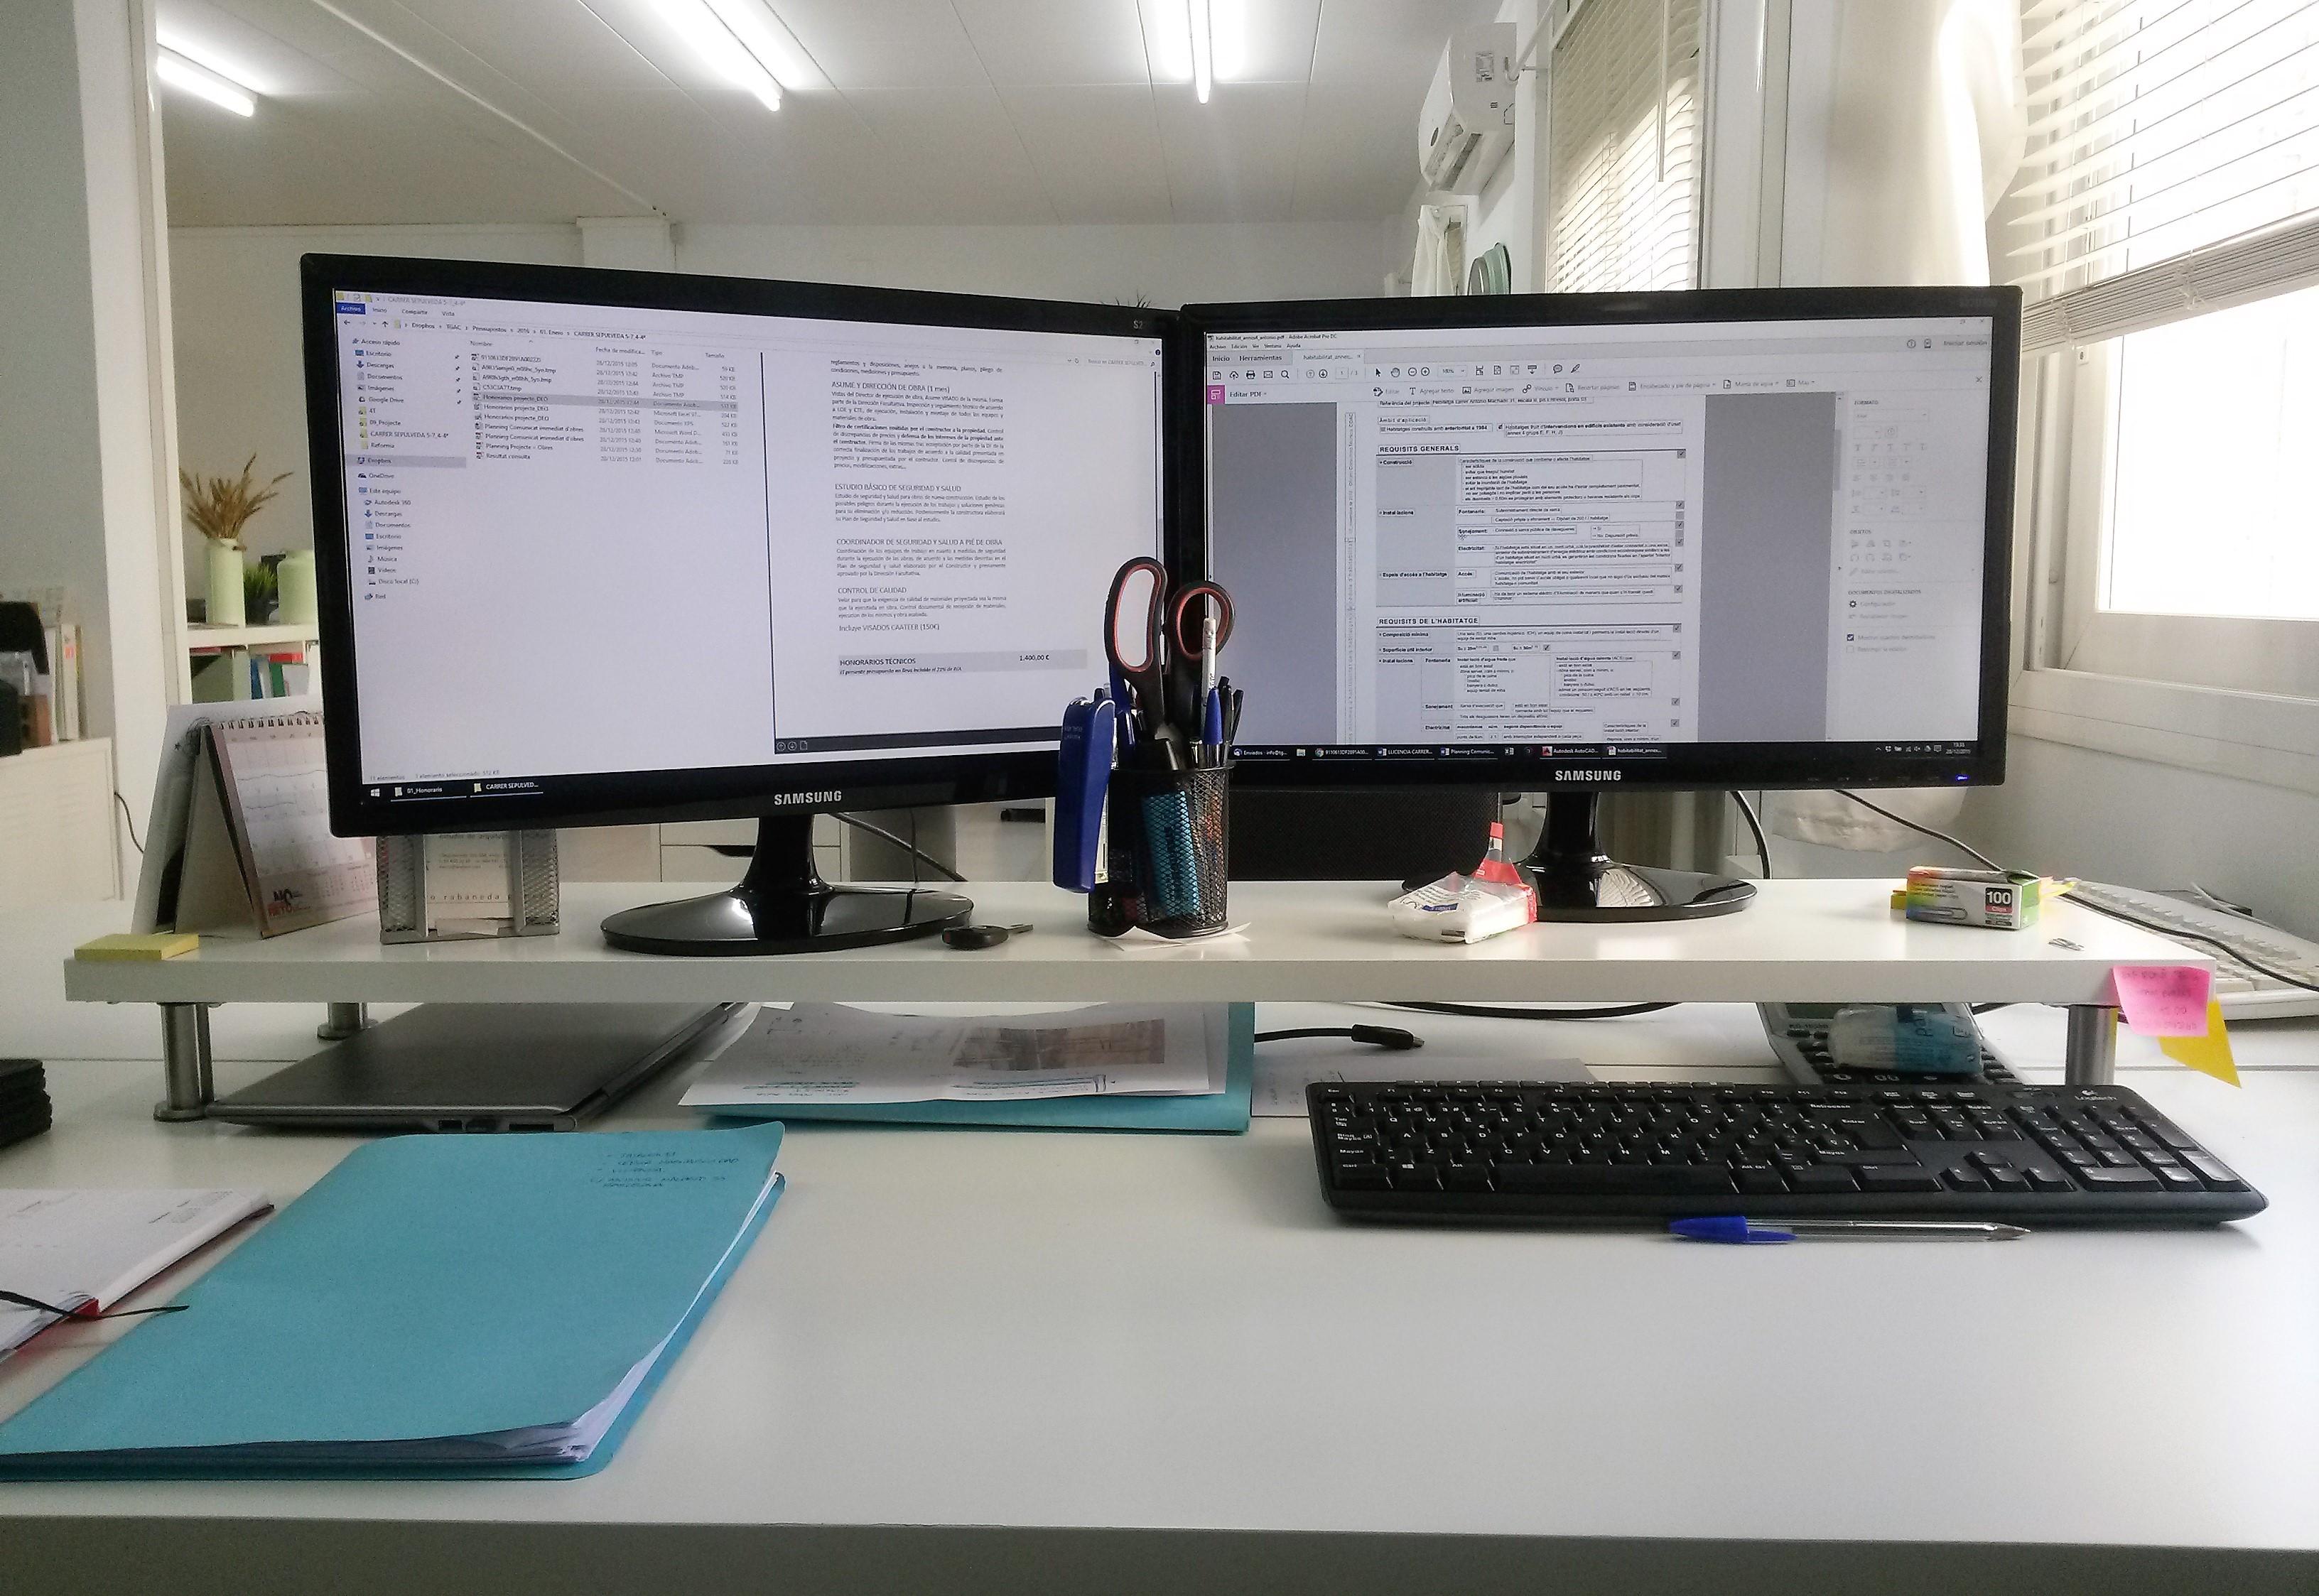 Espacio de trabajo by ikea molletcoworking - Elevador monitor ikea ...